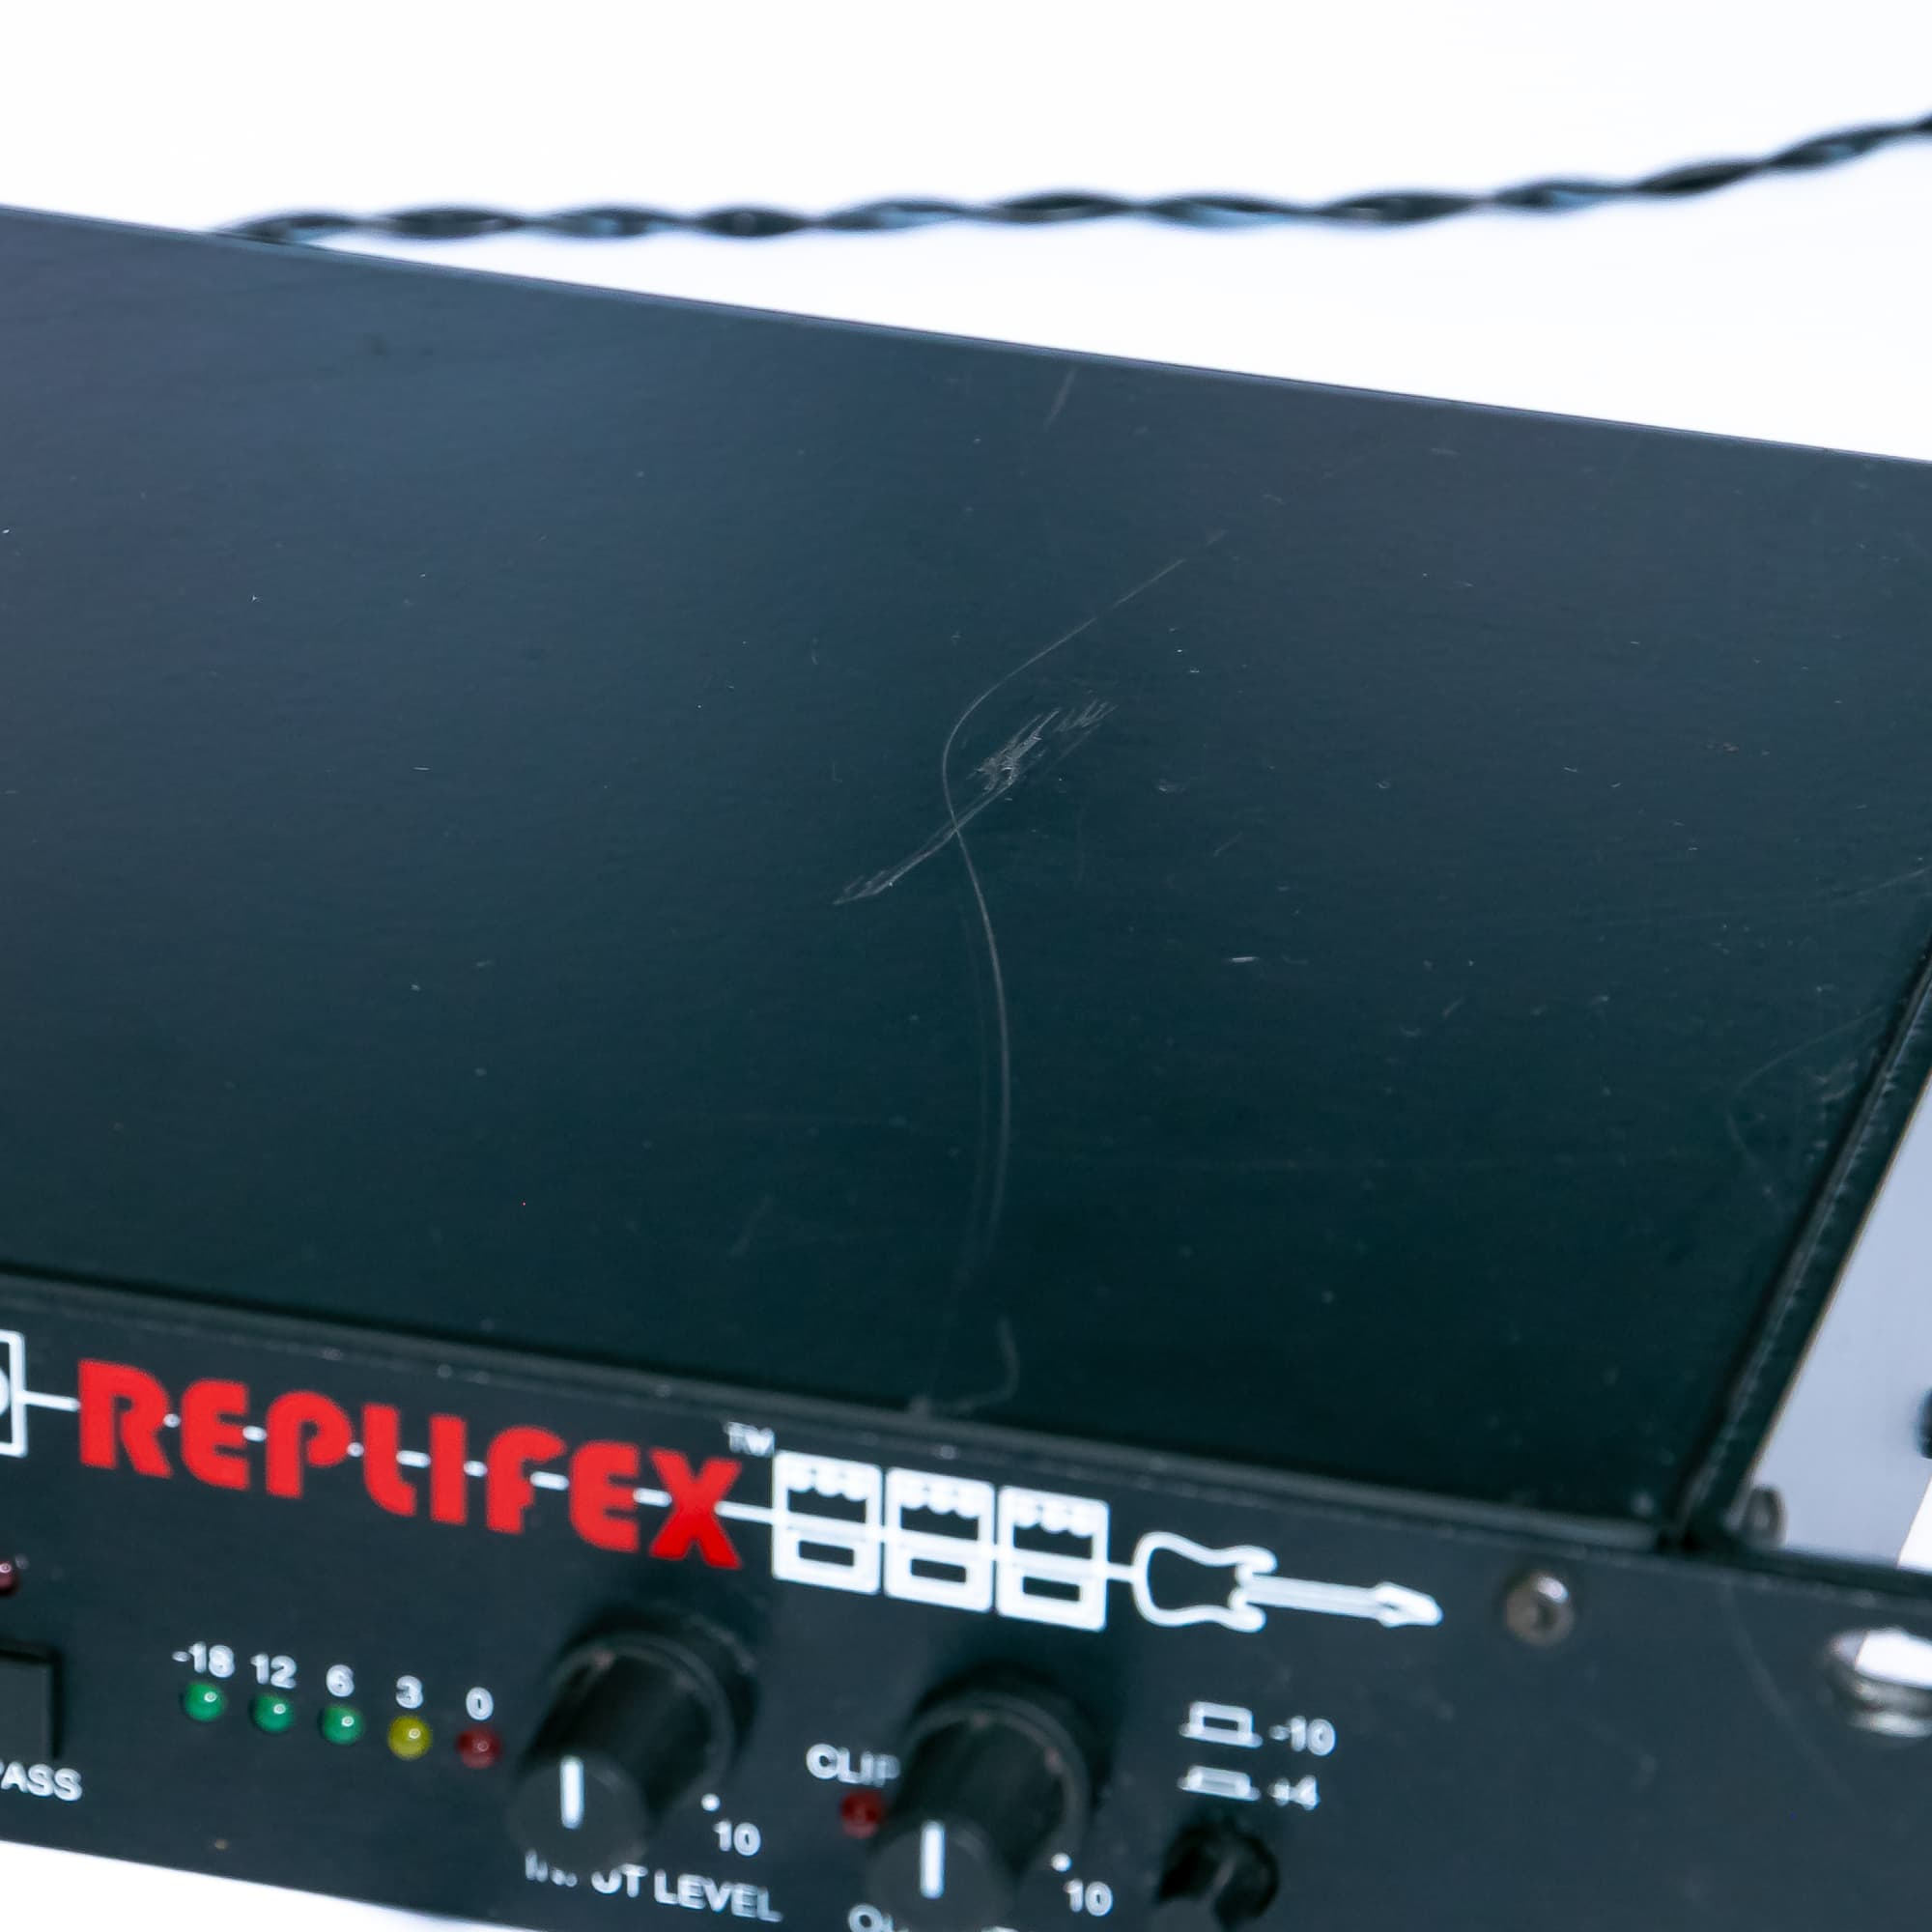 gebraucht kaufen Rocktron Replifex